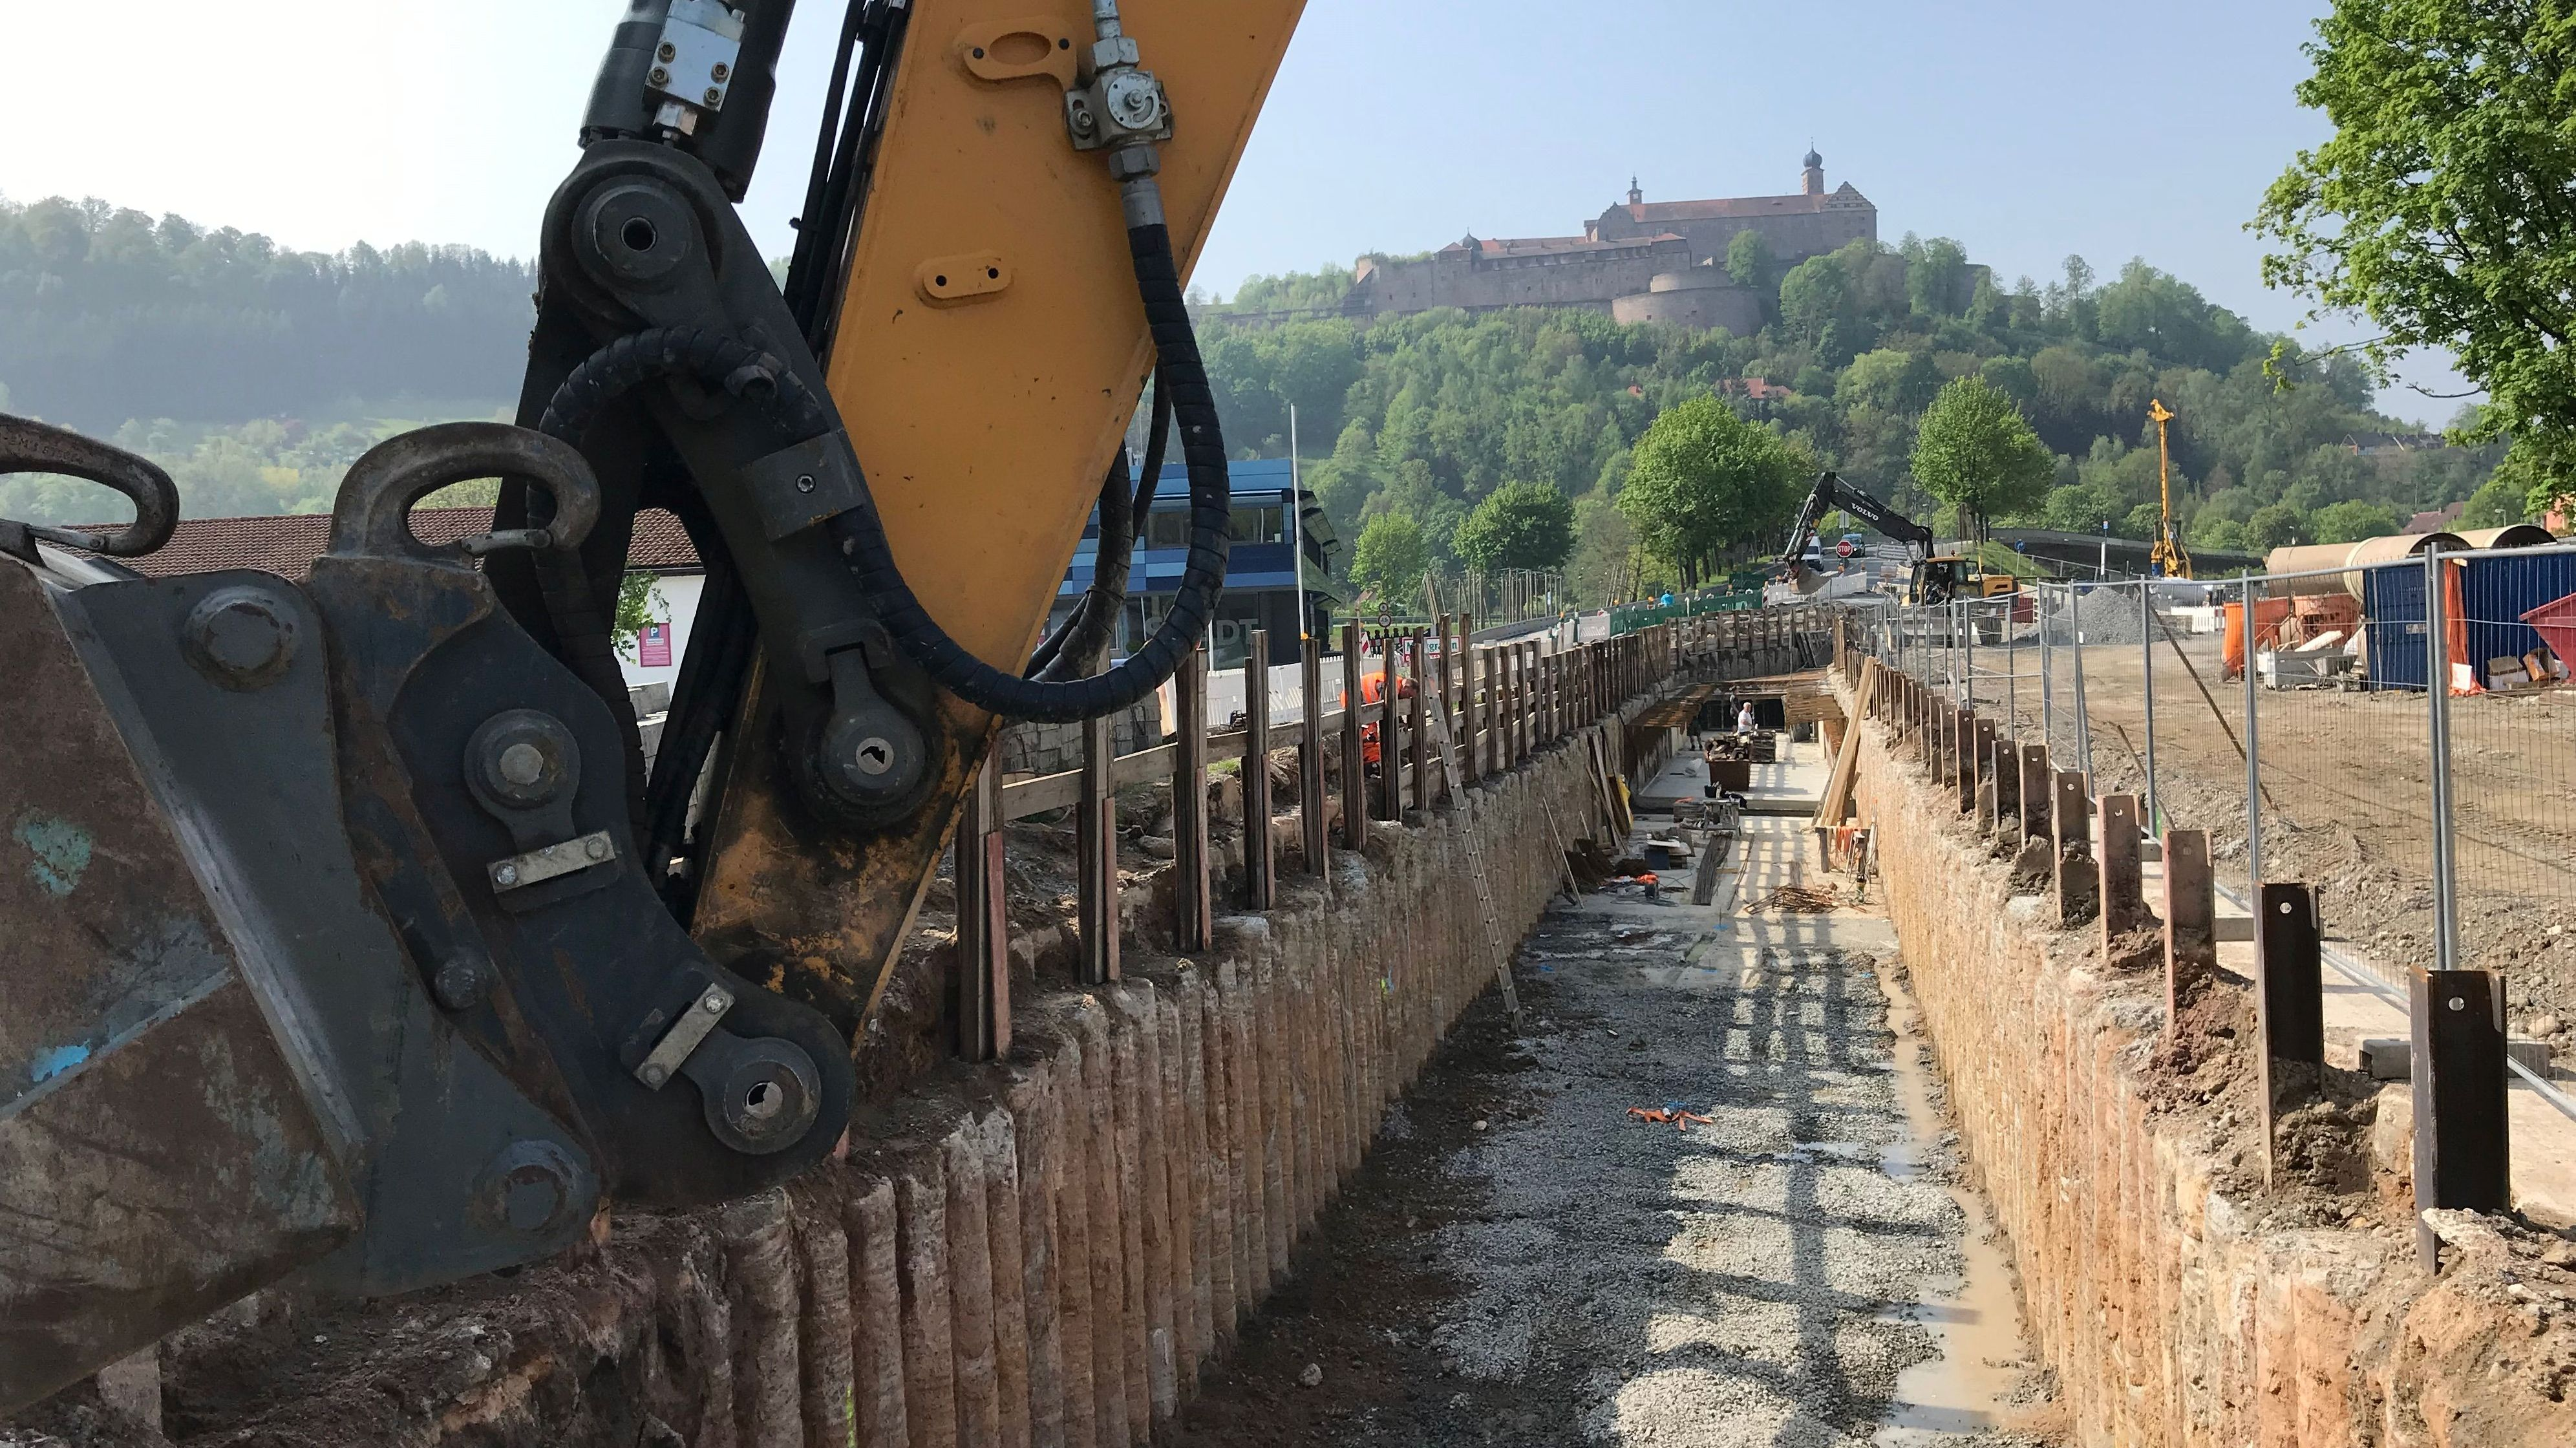 Ein Bagger hebt einen Kanal aus, im Hintergrund die Plassenburg von Kulmbach.